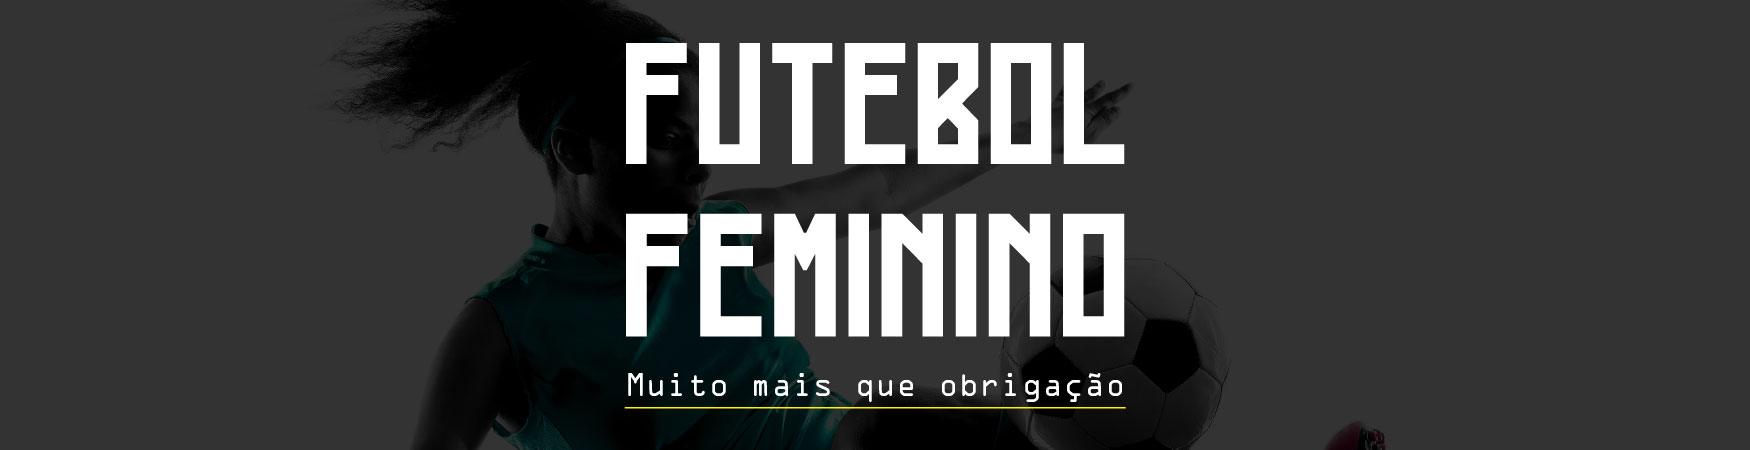 Futebol Feminino - Muito mais que obrigação